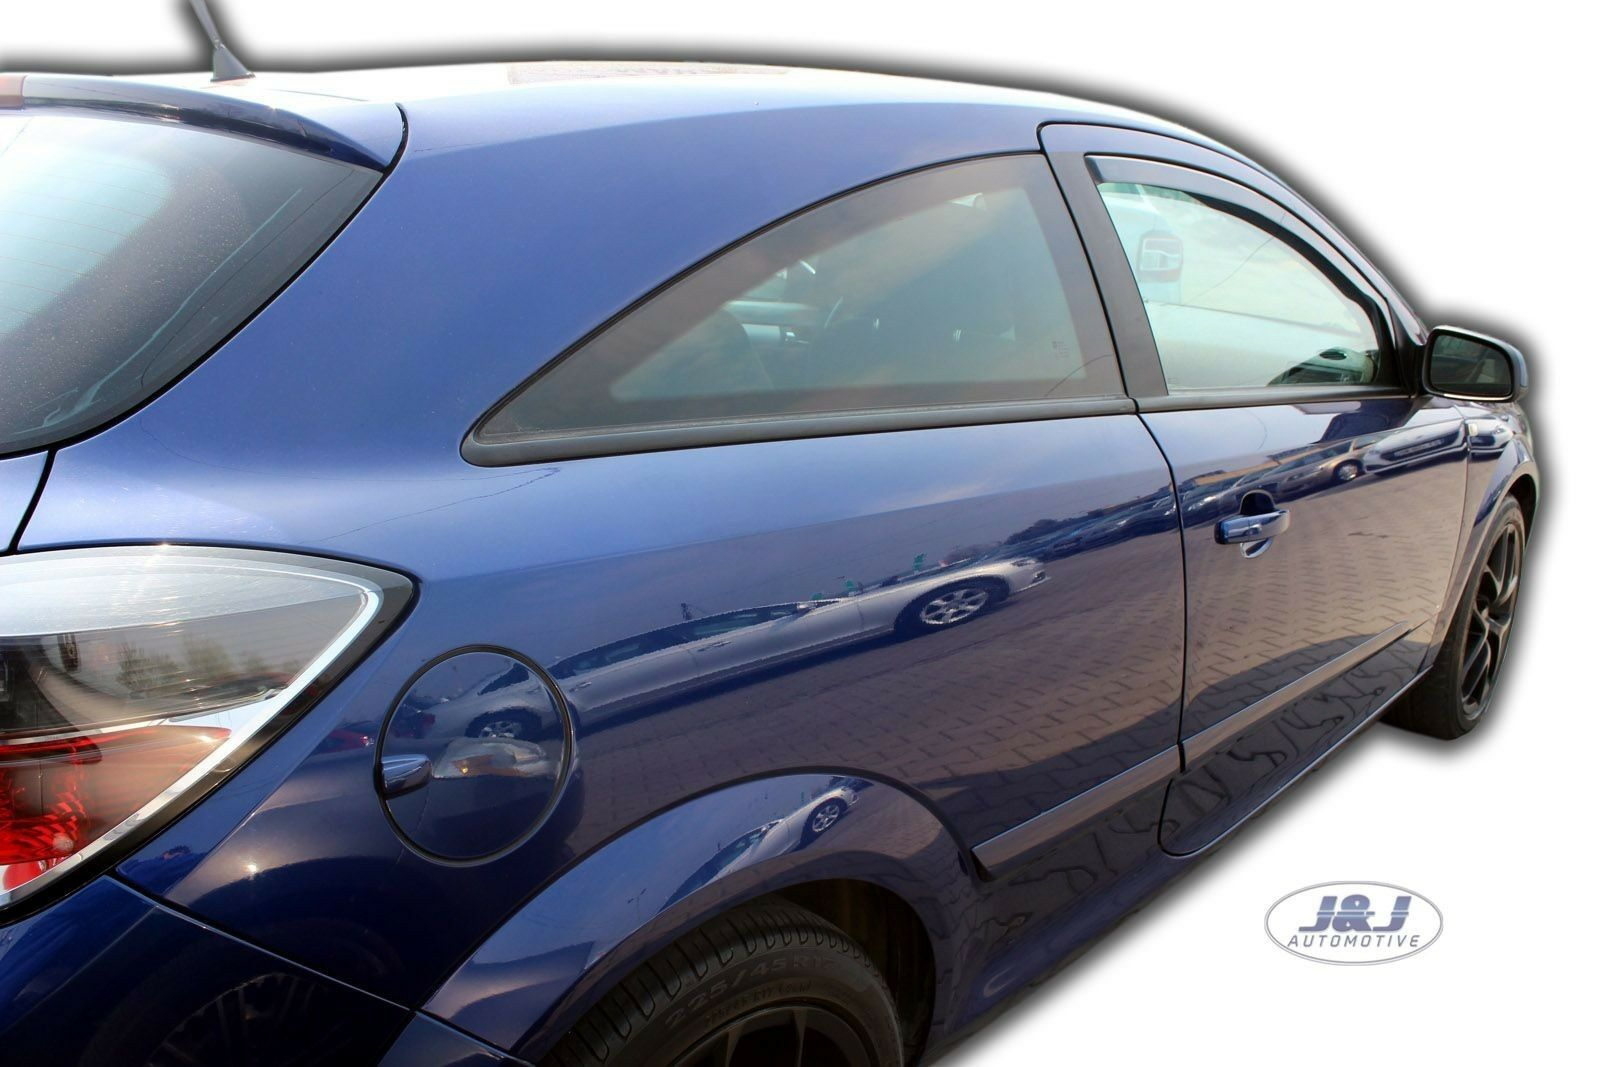 2009 VAUXHALL ASTRA H MK5 5 DOOR HATCHBACK REAR WINDOW WINDER HANDLE BLACK